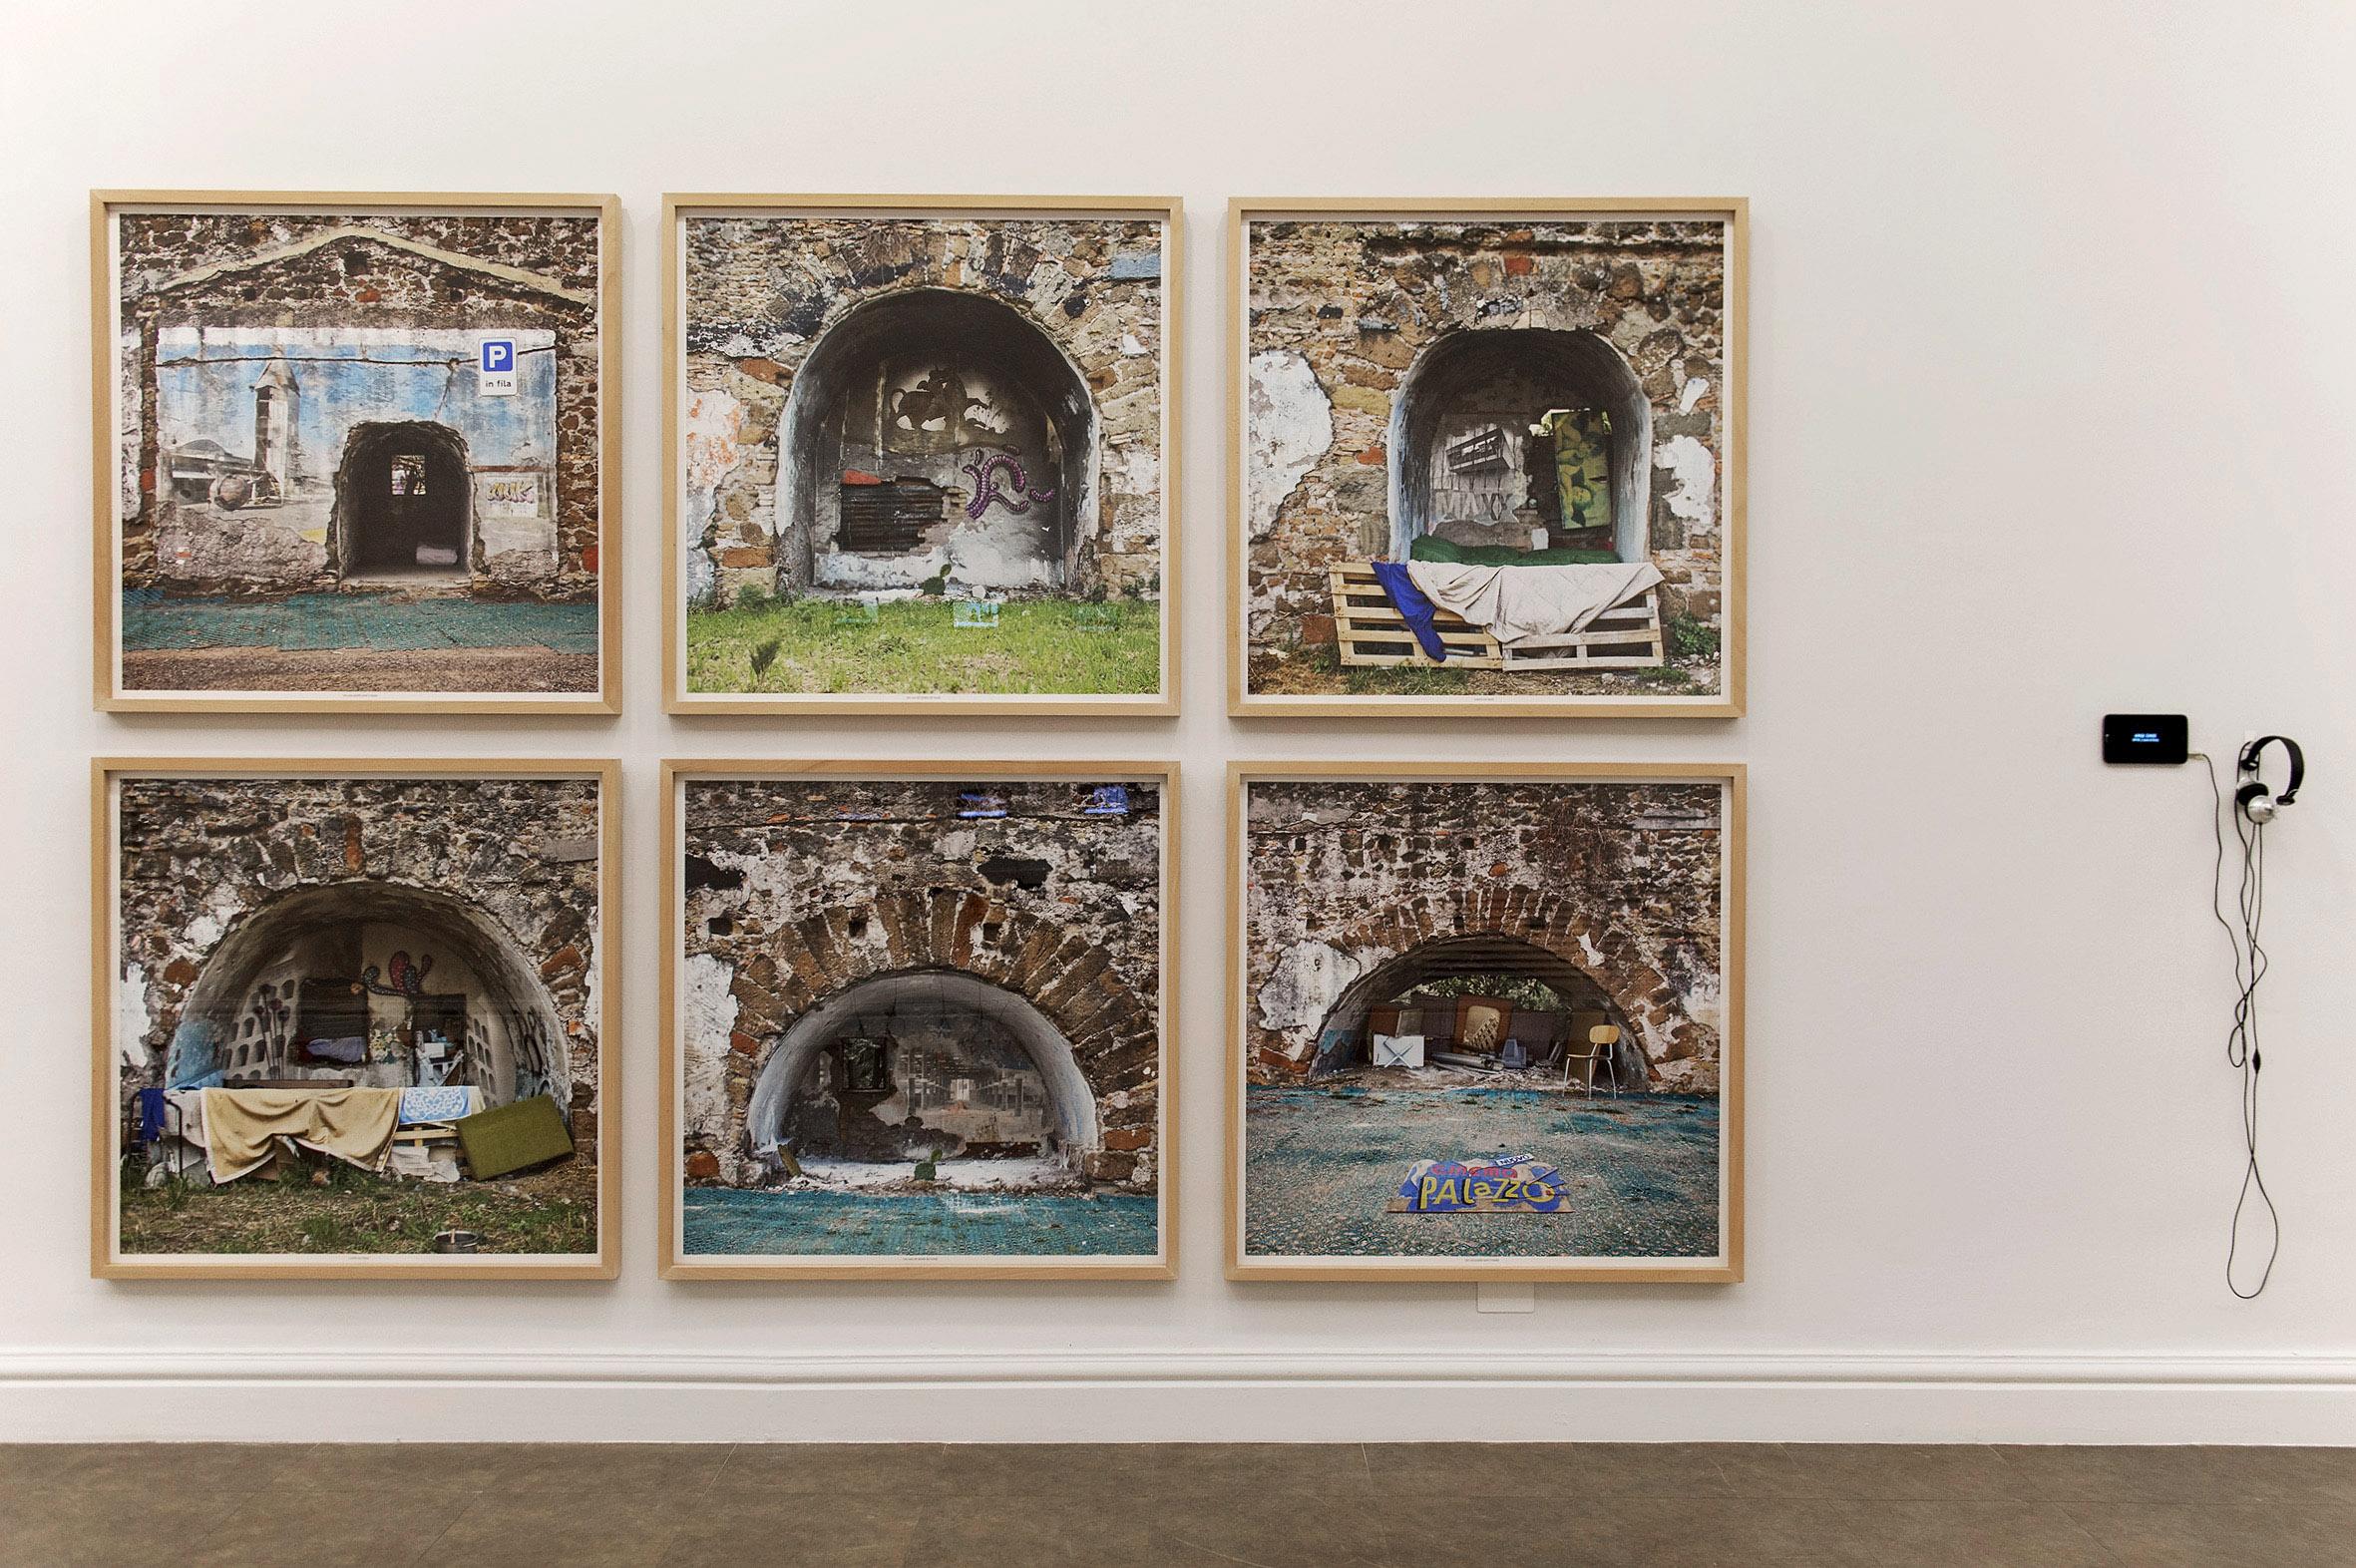 Una casa grande: Acqua Felice I-VII (2017) - Jorge Conde